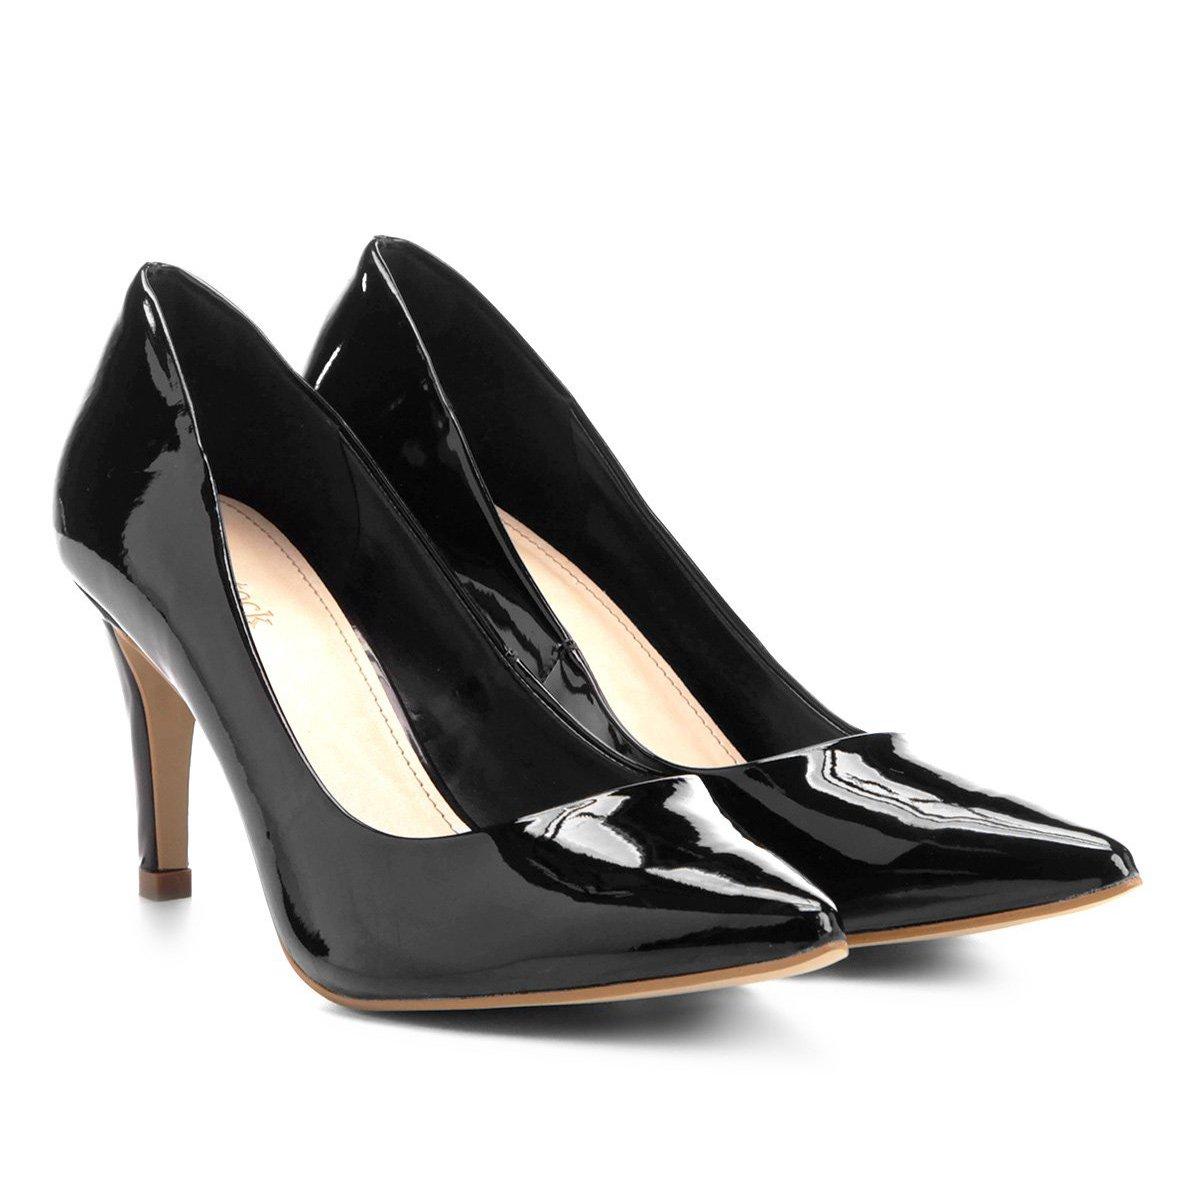 f6566b9ca Scarpin Shoestock Salto Médio Bico Fino Verniz